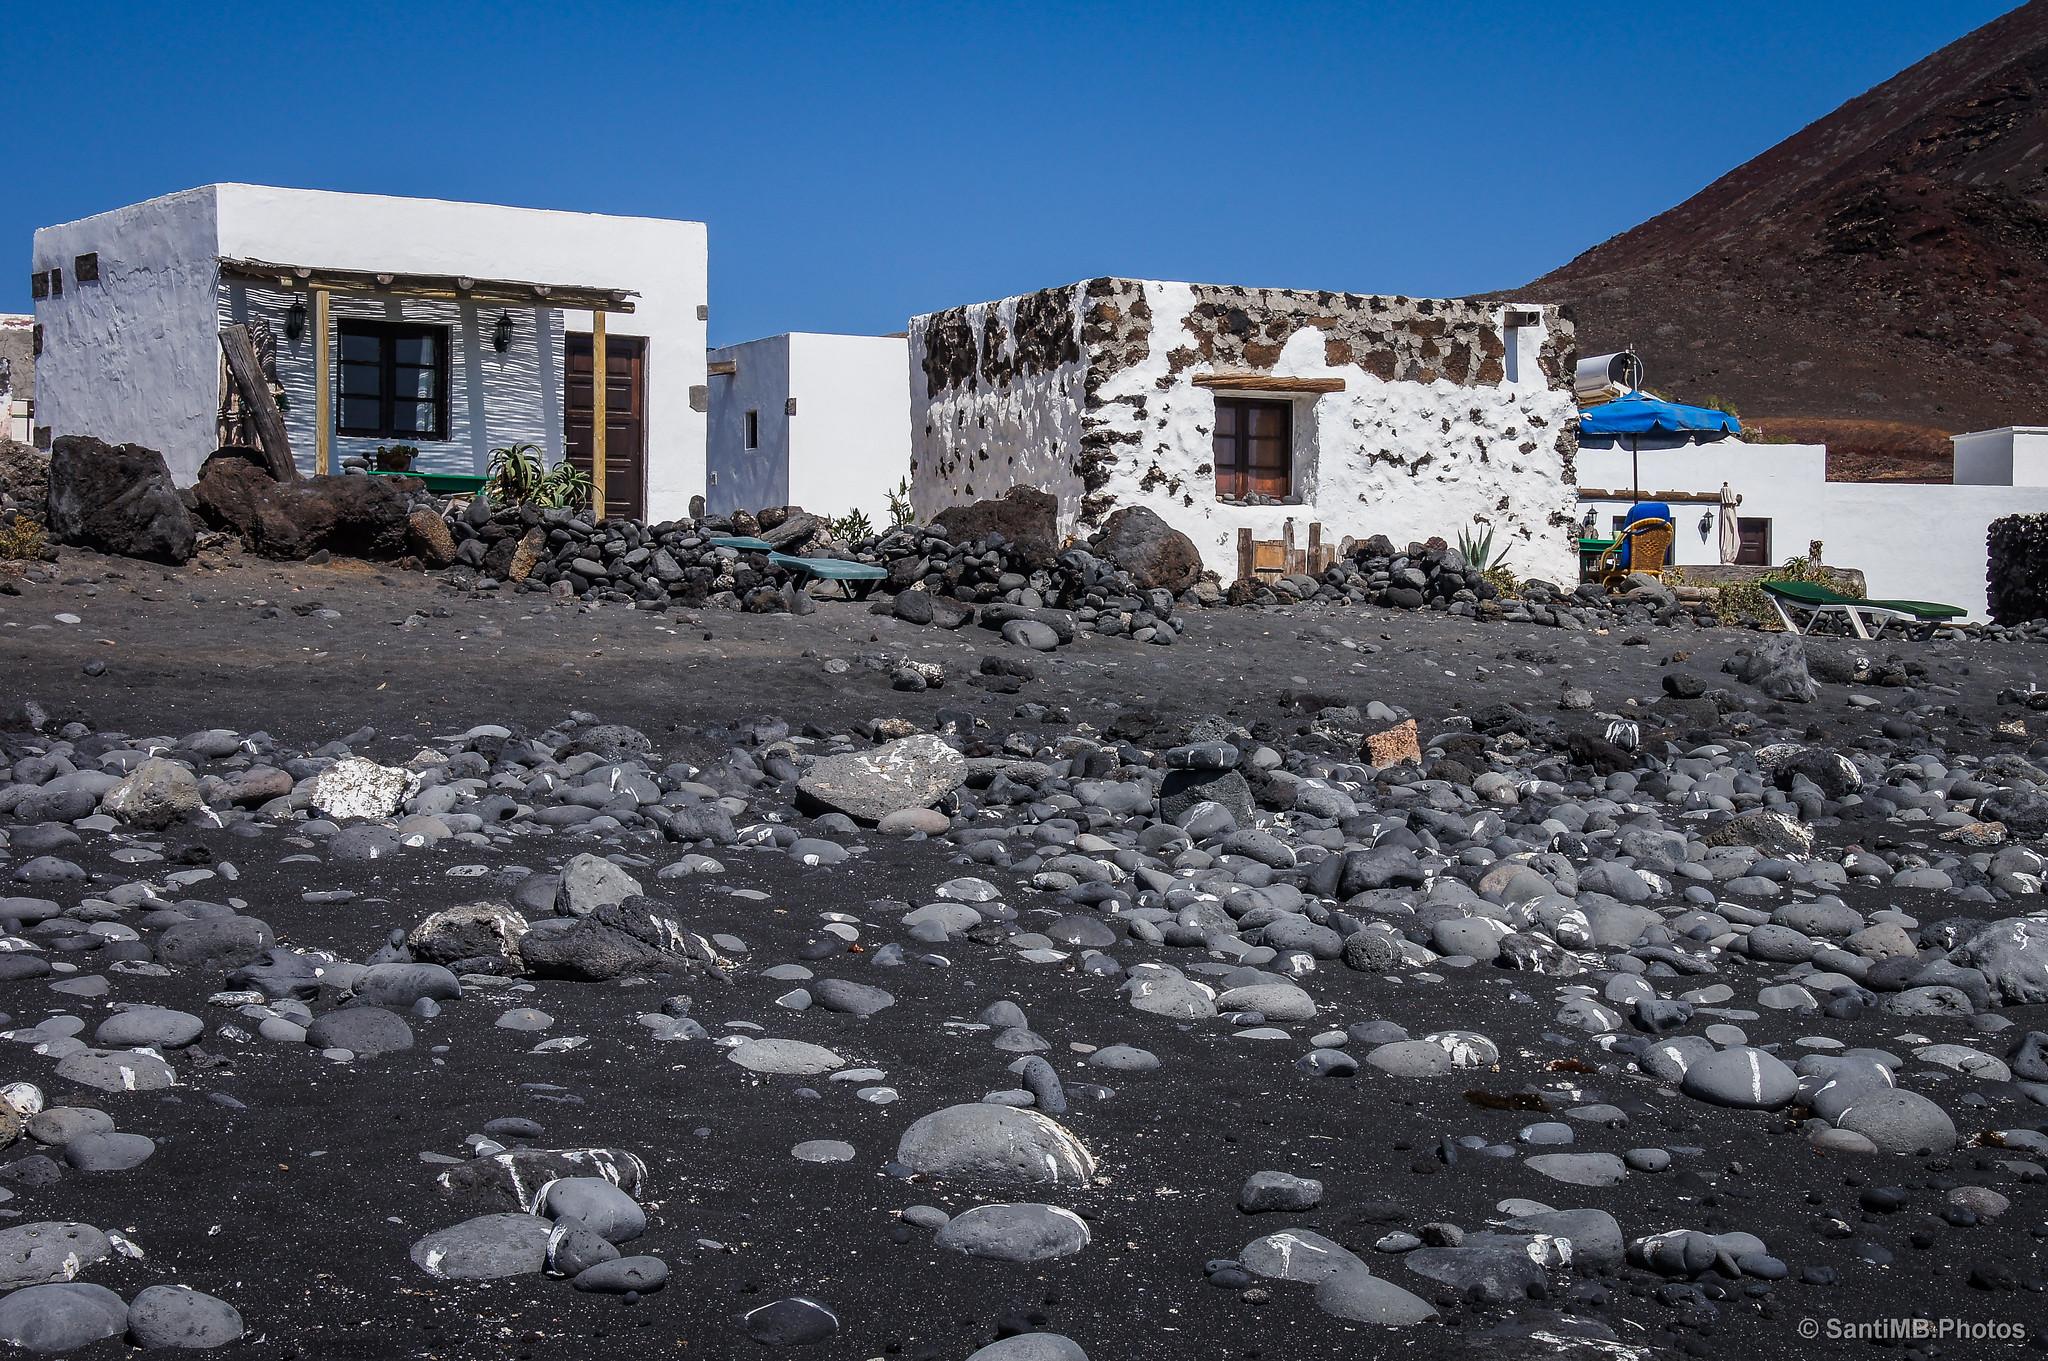 Las casitas de la playa flickr photo sharing - Casitas de playa ...